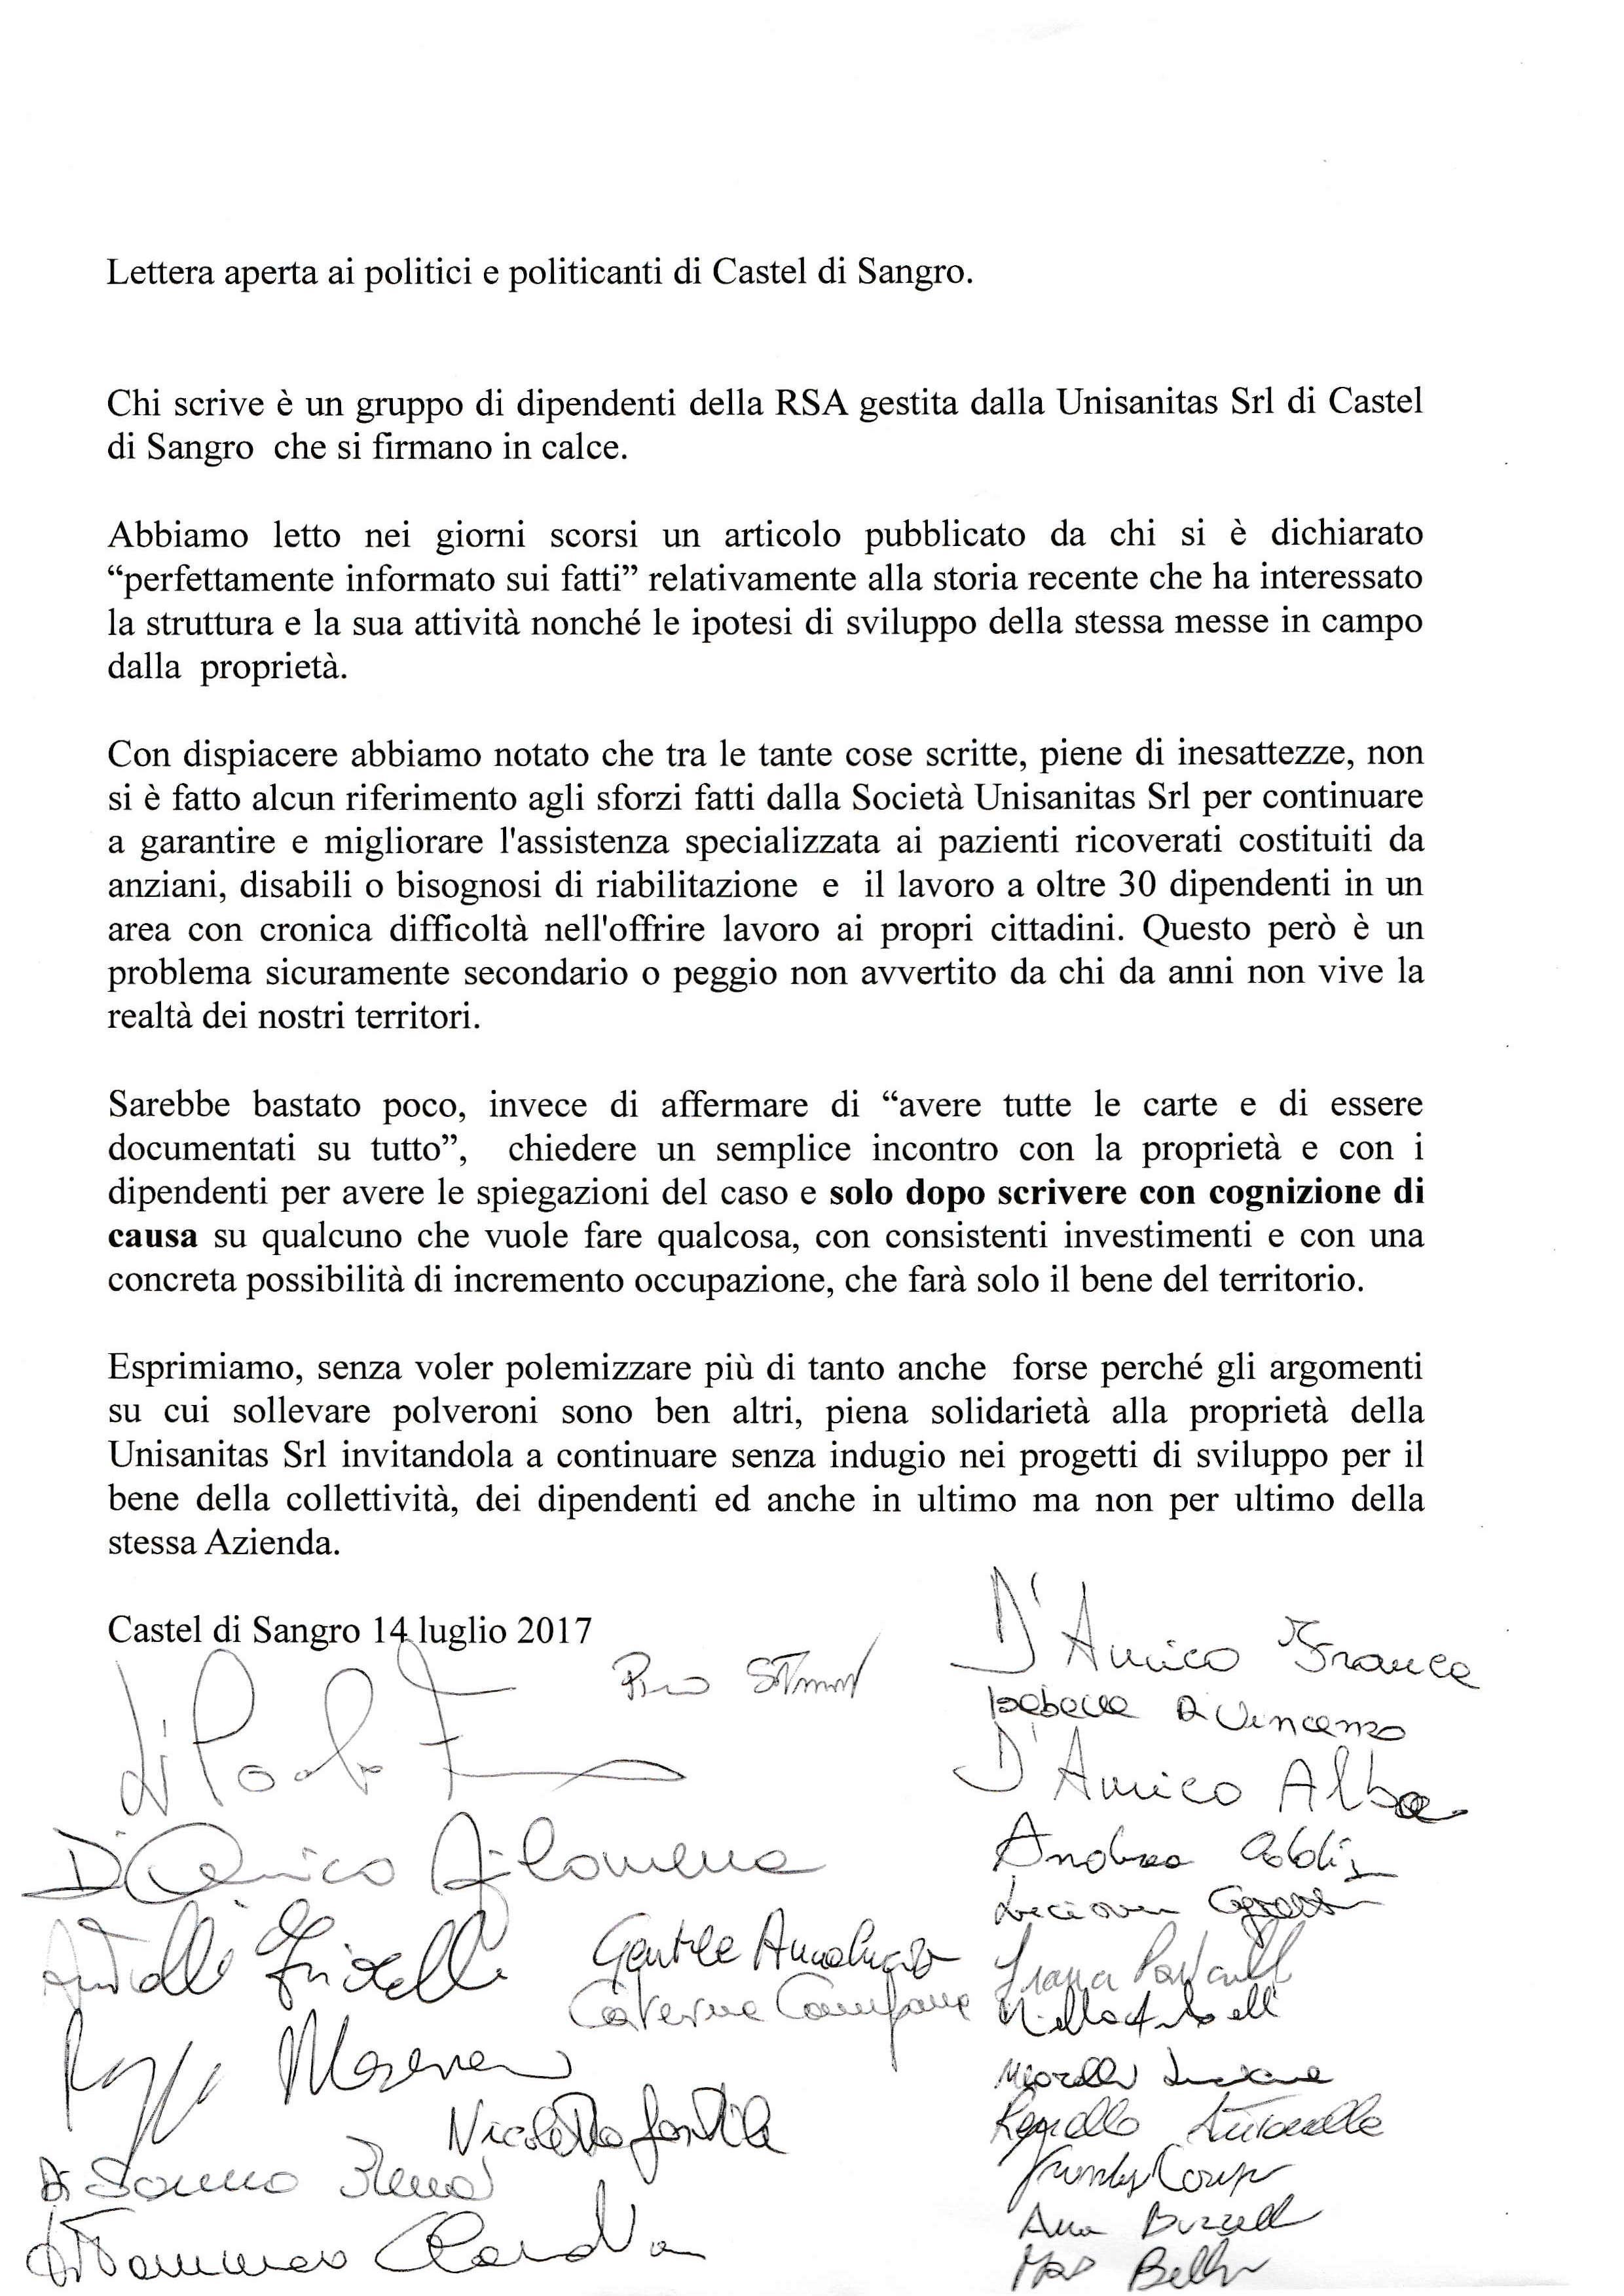 Lettera aperta dipendenti della Rsa Unisanitas srl di Castel di Sangro